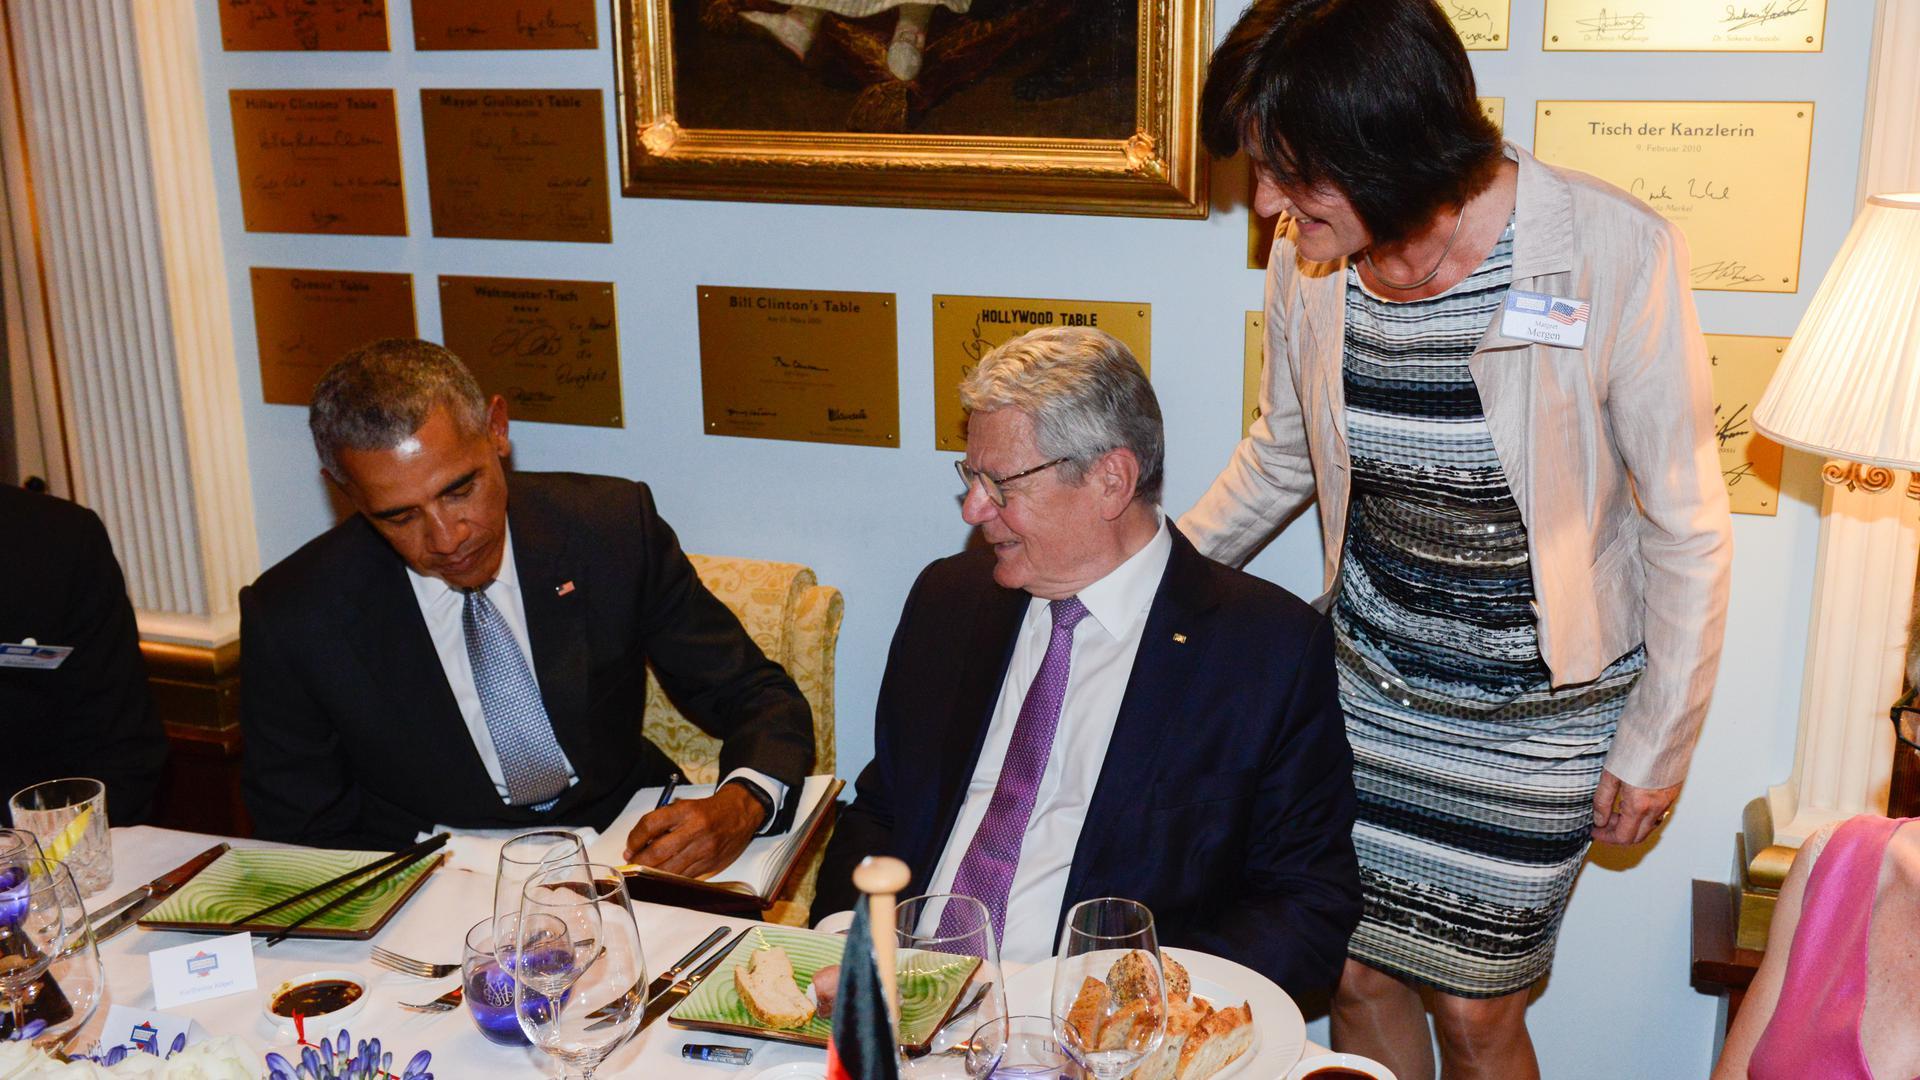 Barack Obama und Joachim Gauck tragen sich beim Medienpreis  ins Goldene Buch der Stadt Baden-Baden ein.